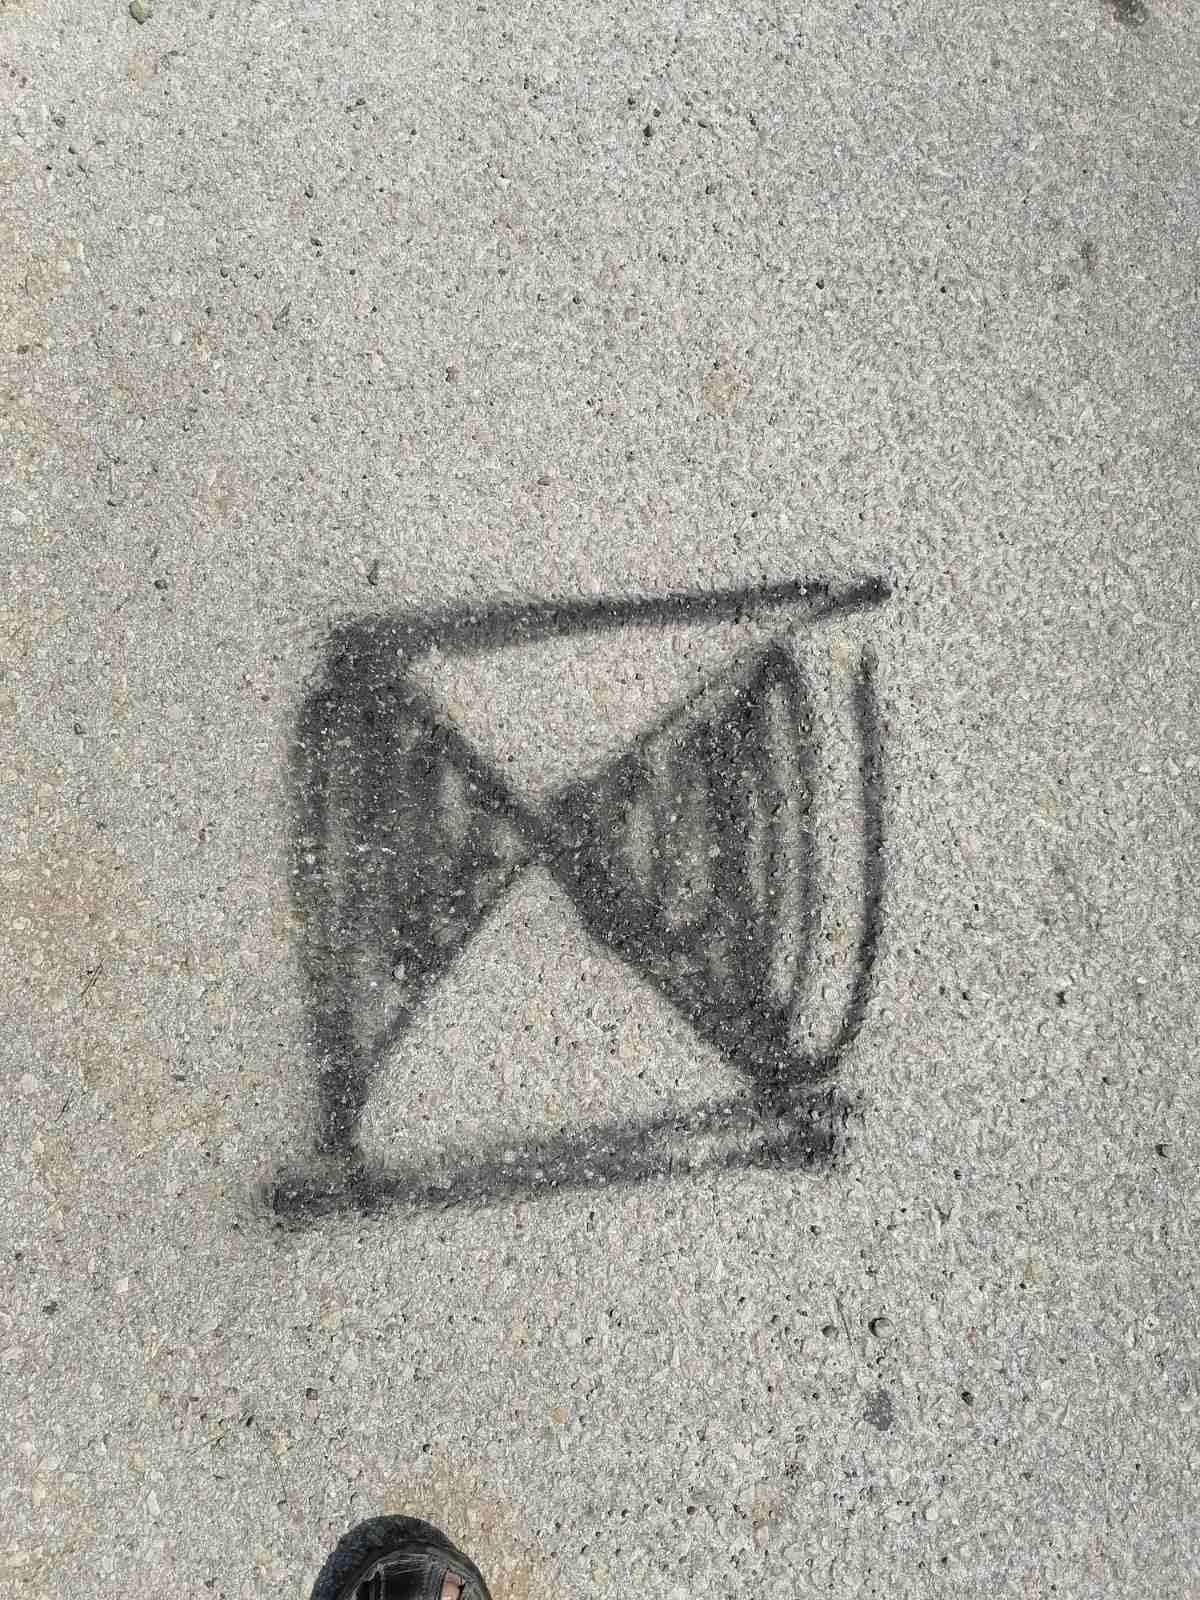 Simbol 1, foto: M.M.